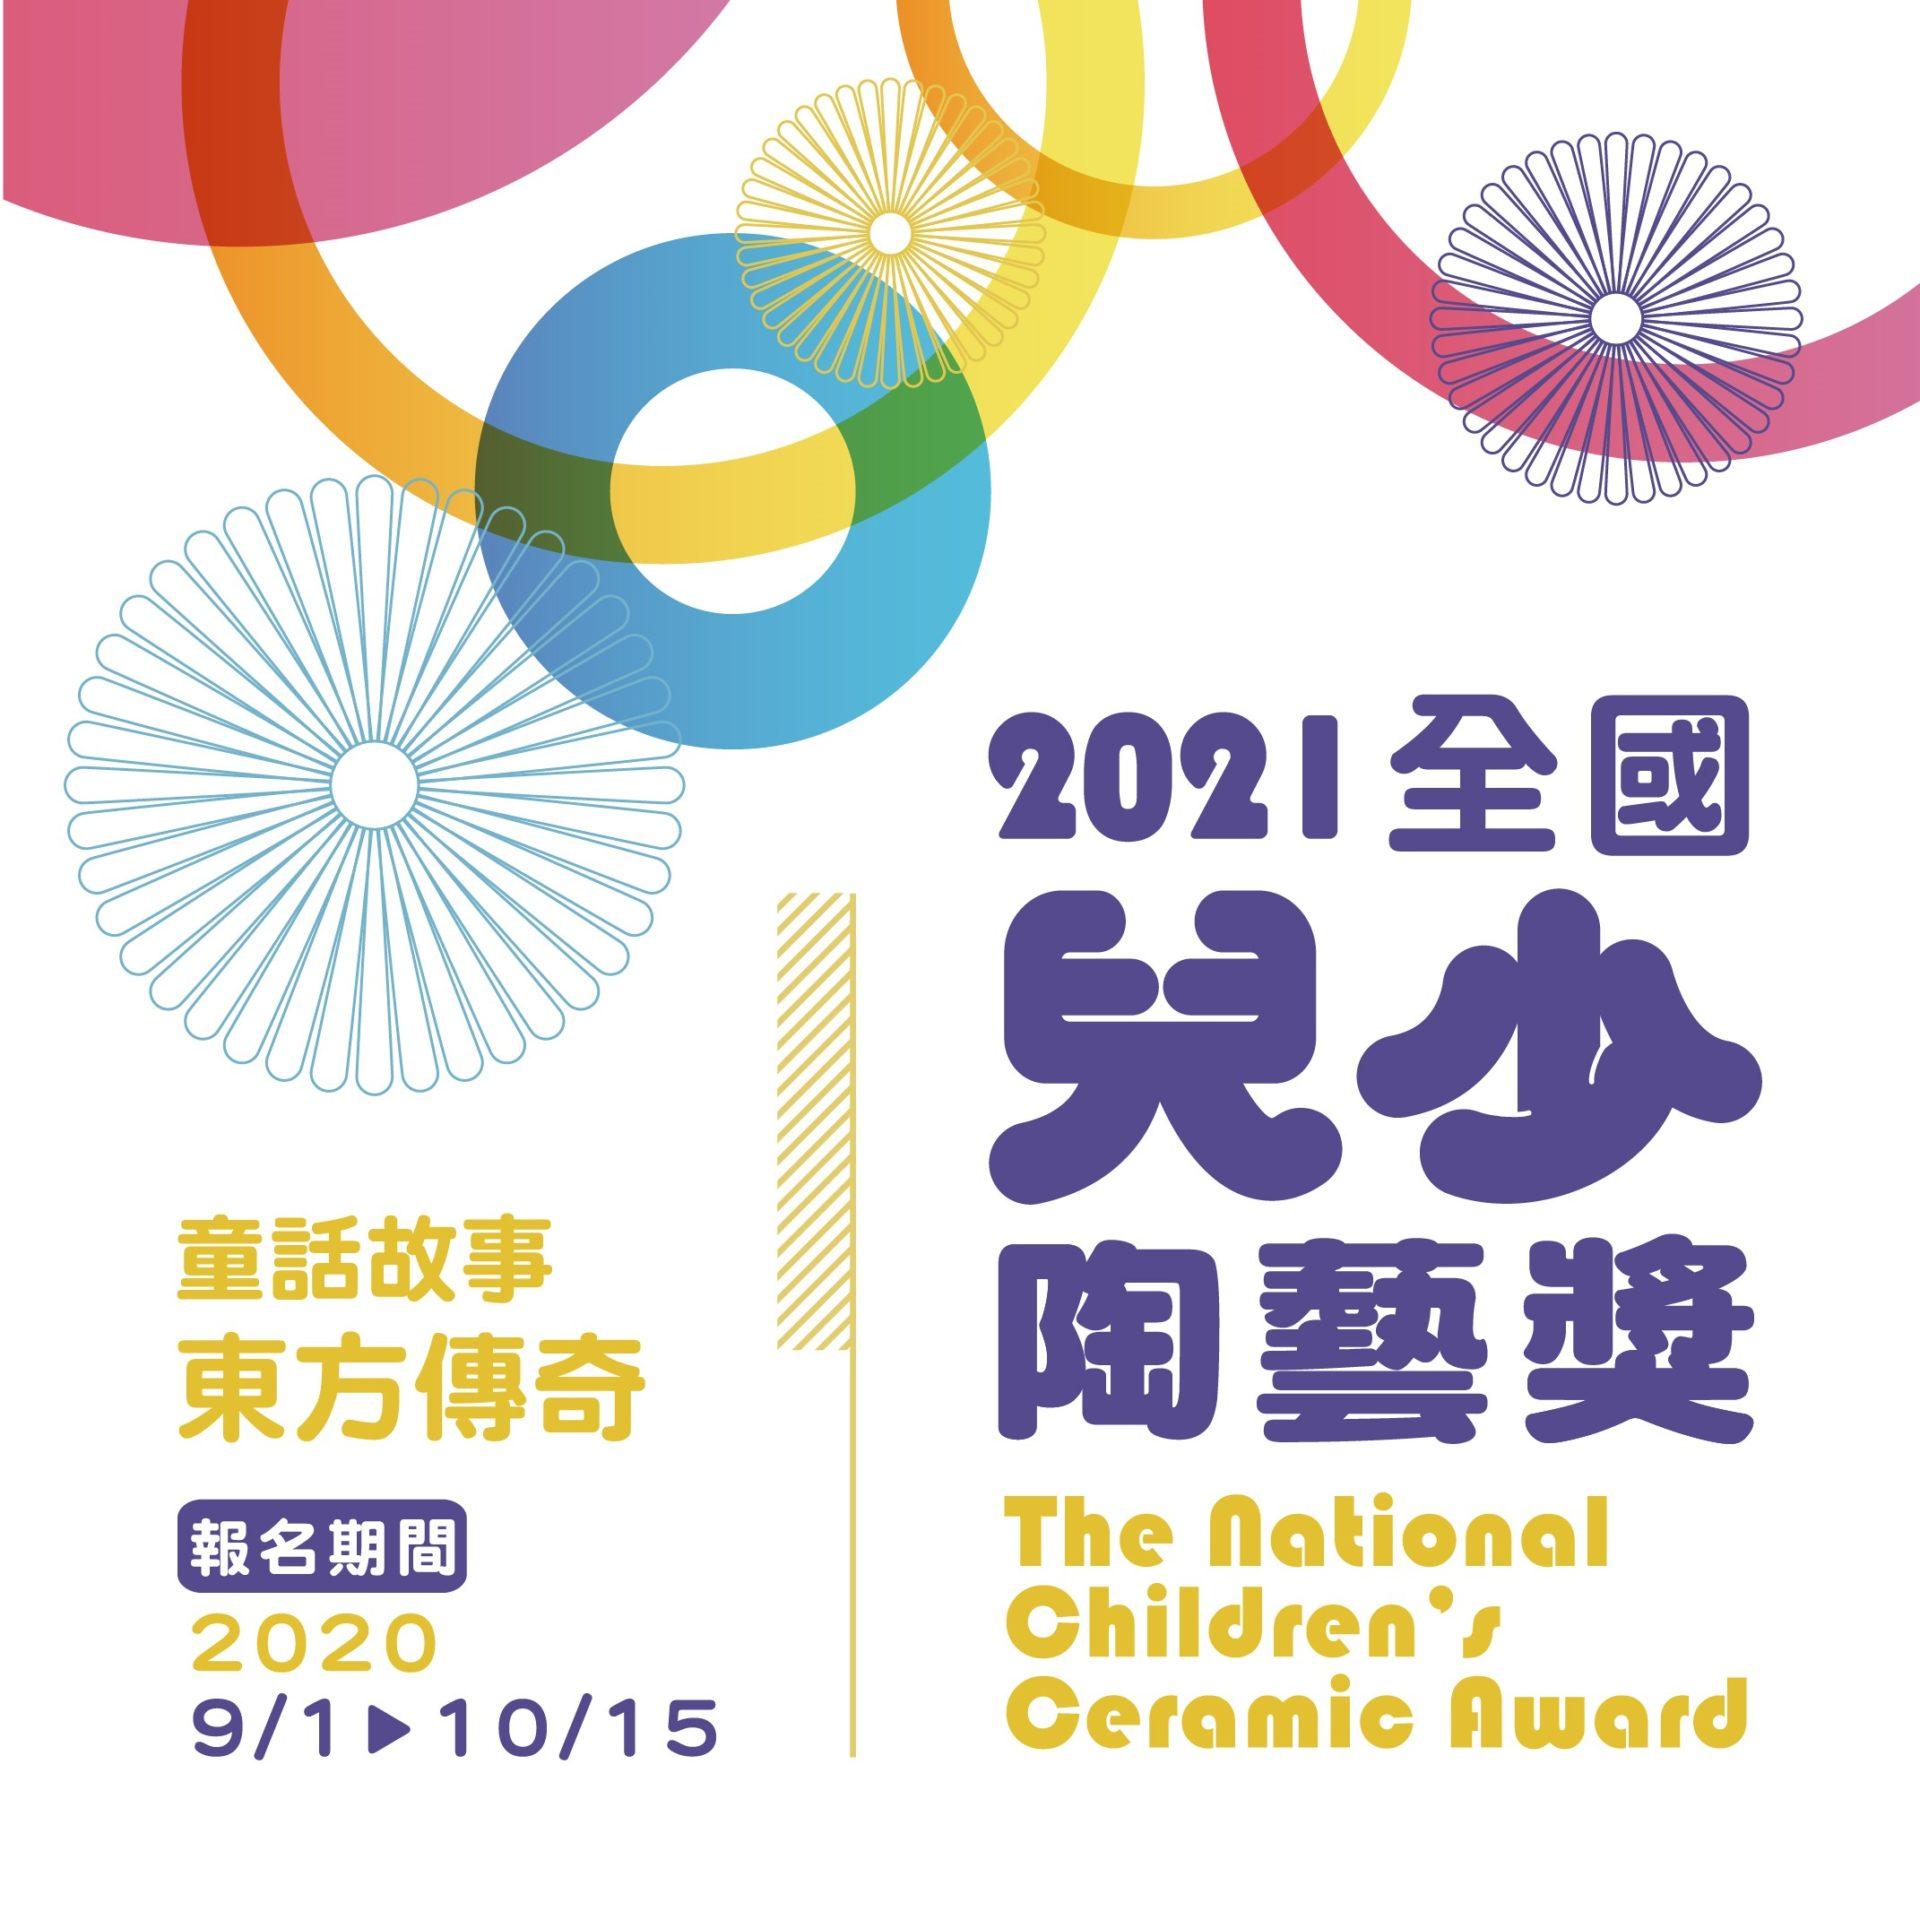 新北市立鶯歌陶瓷博物館:2020/09/01-2020/10/15【2021全國兒少陶藝獎徵件】